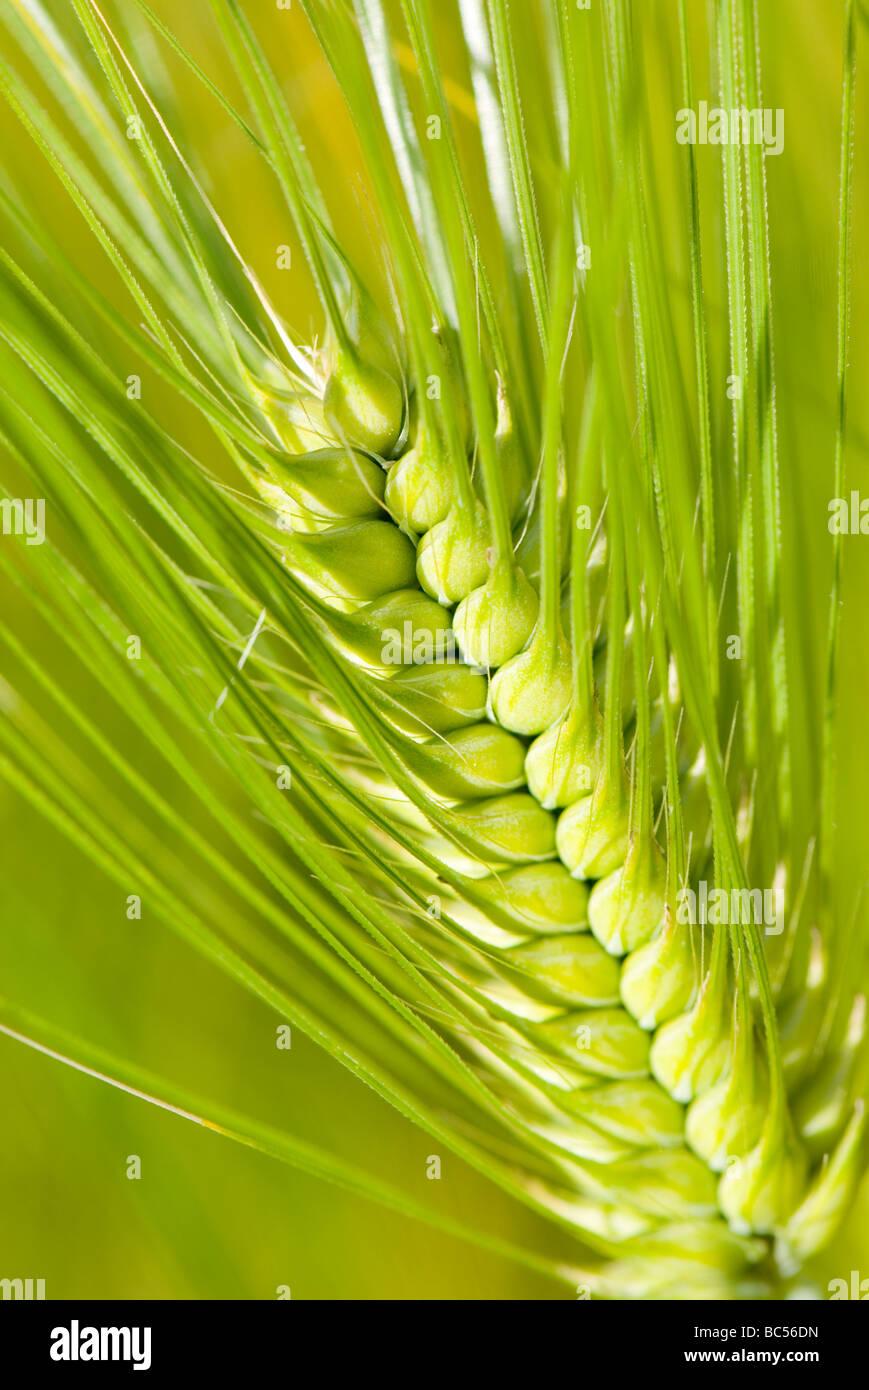 Barley Hordeum vulgare - Stock Image